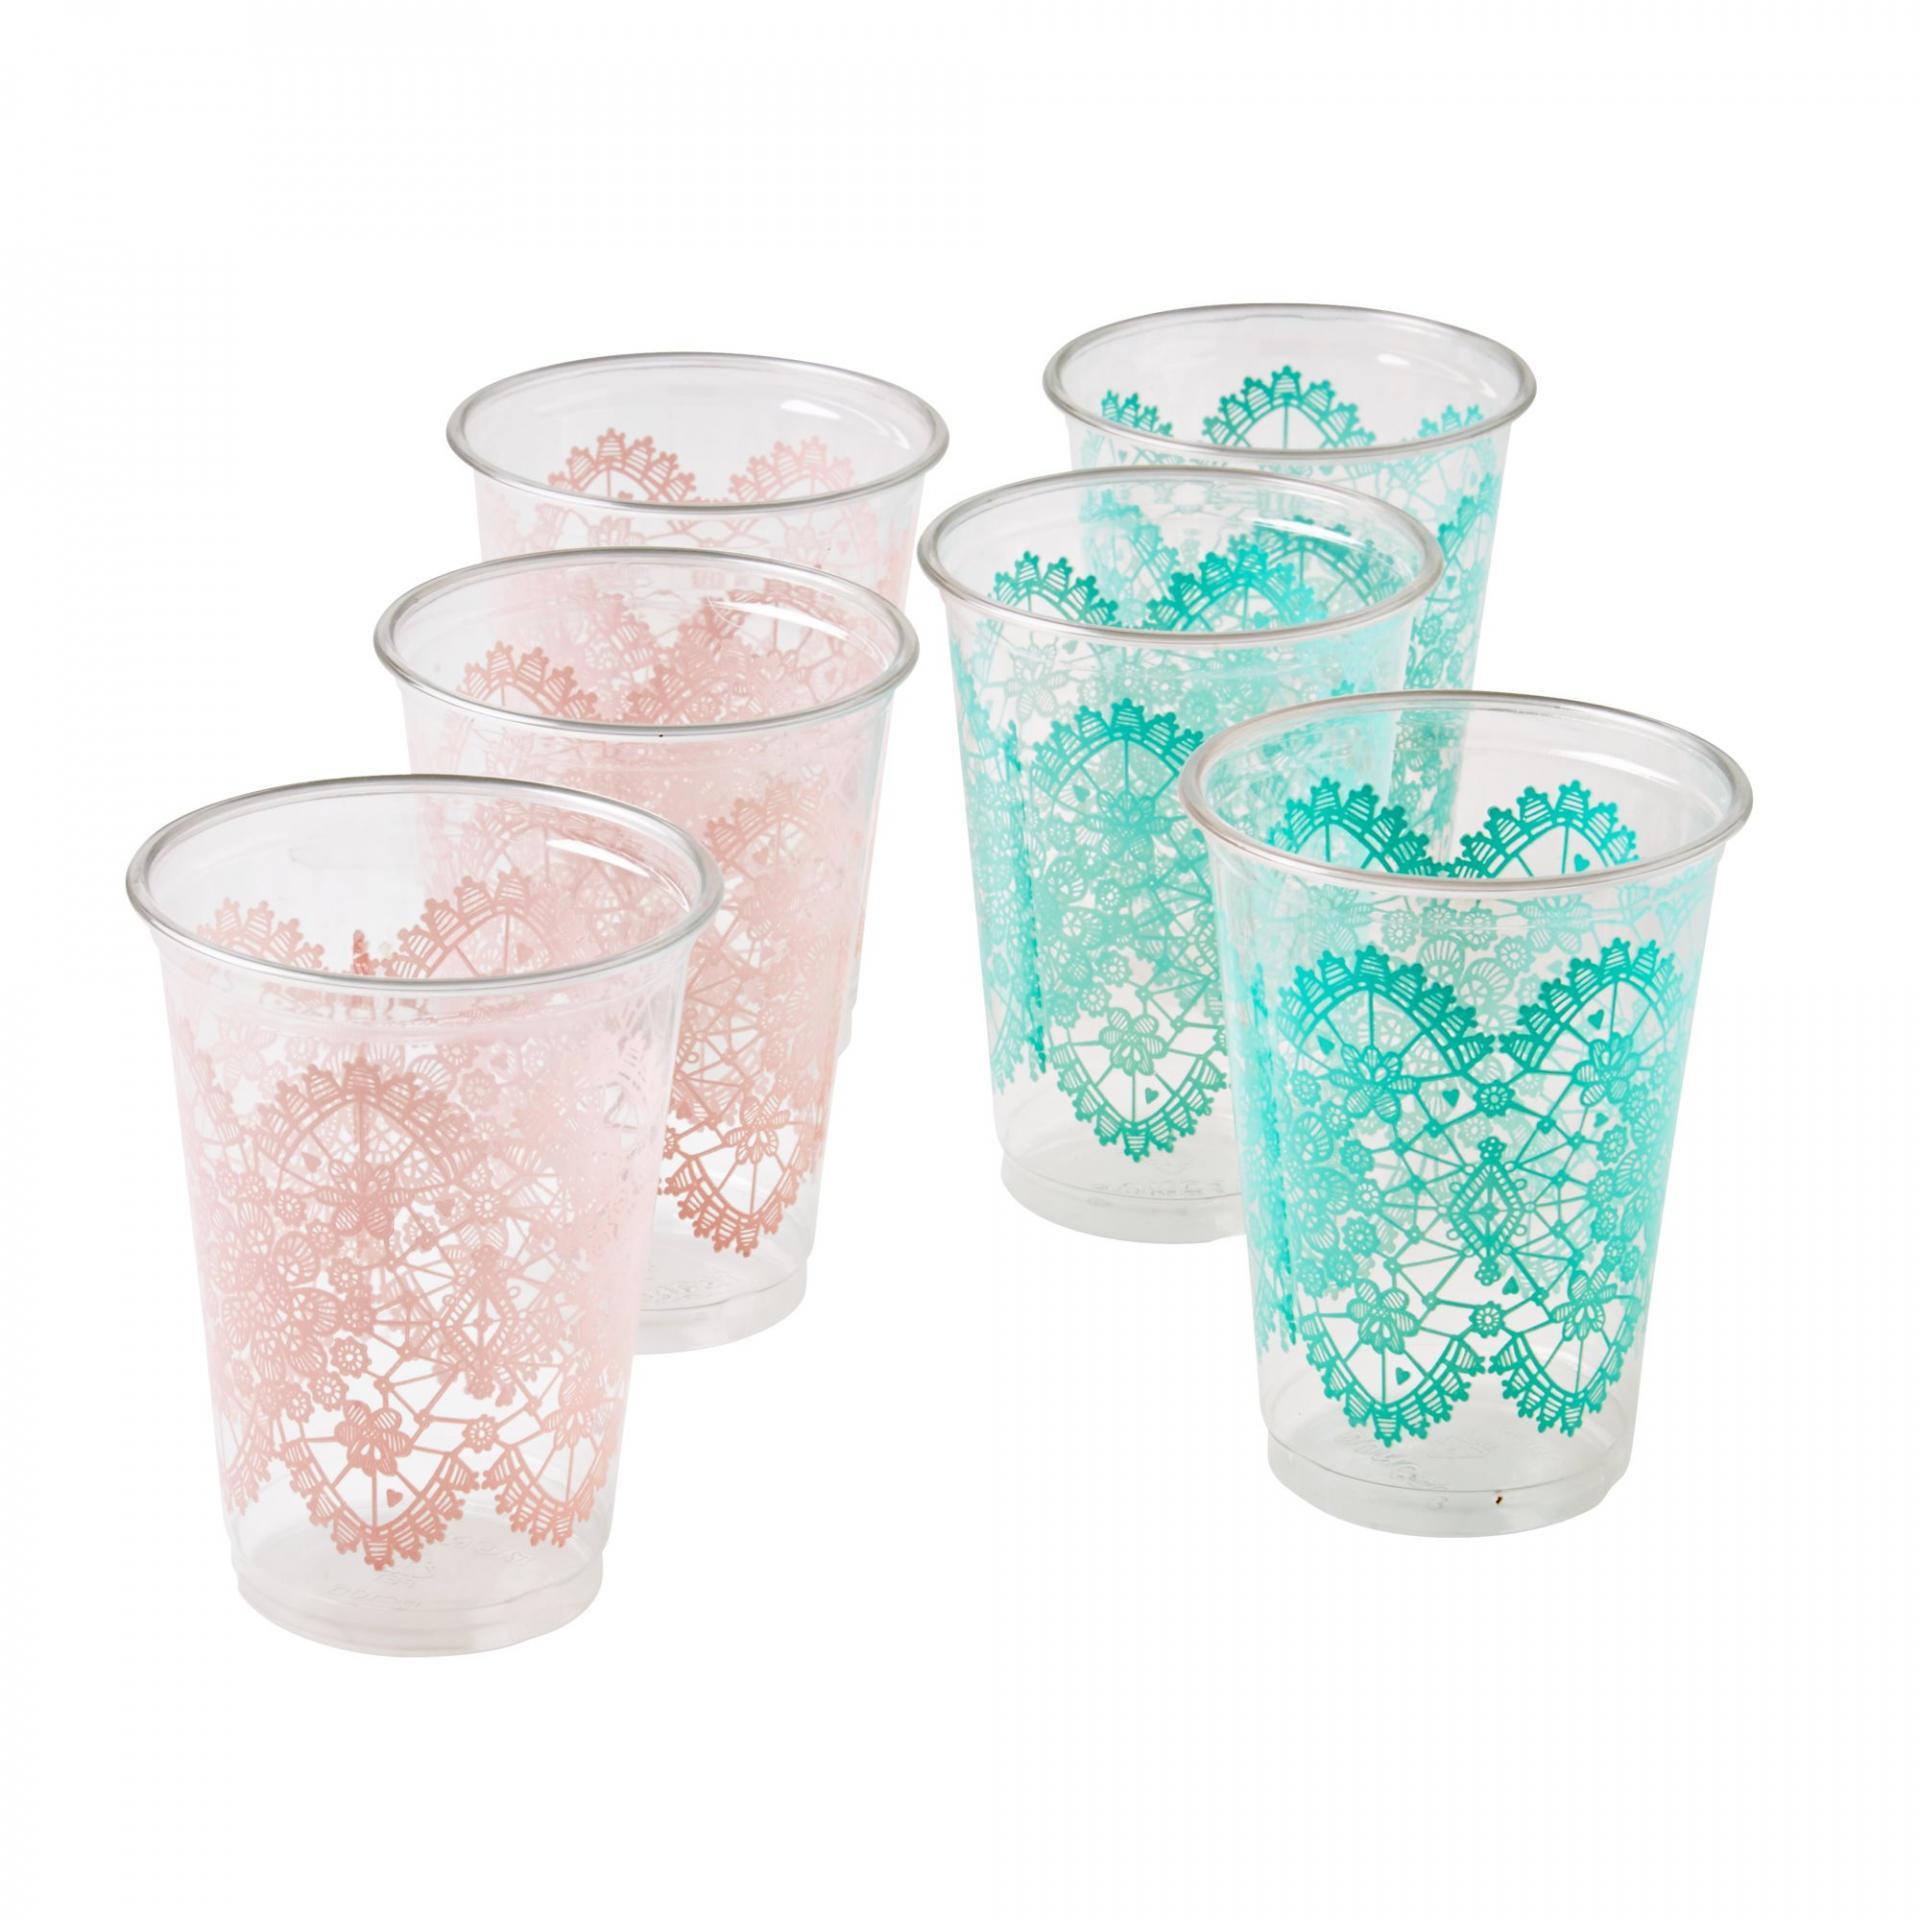 rice Plastové kelímky Lace - set 24 ks Zelené kelímky, růžová barva, zelená barva, plast